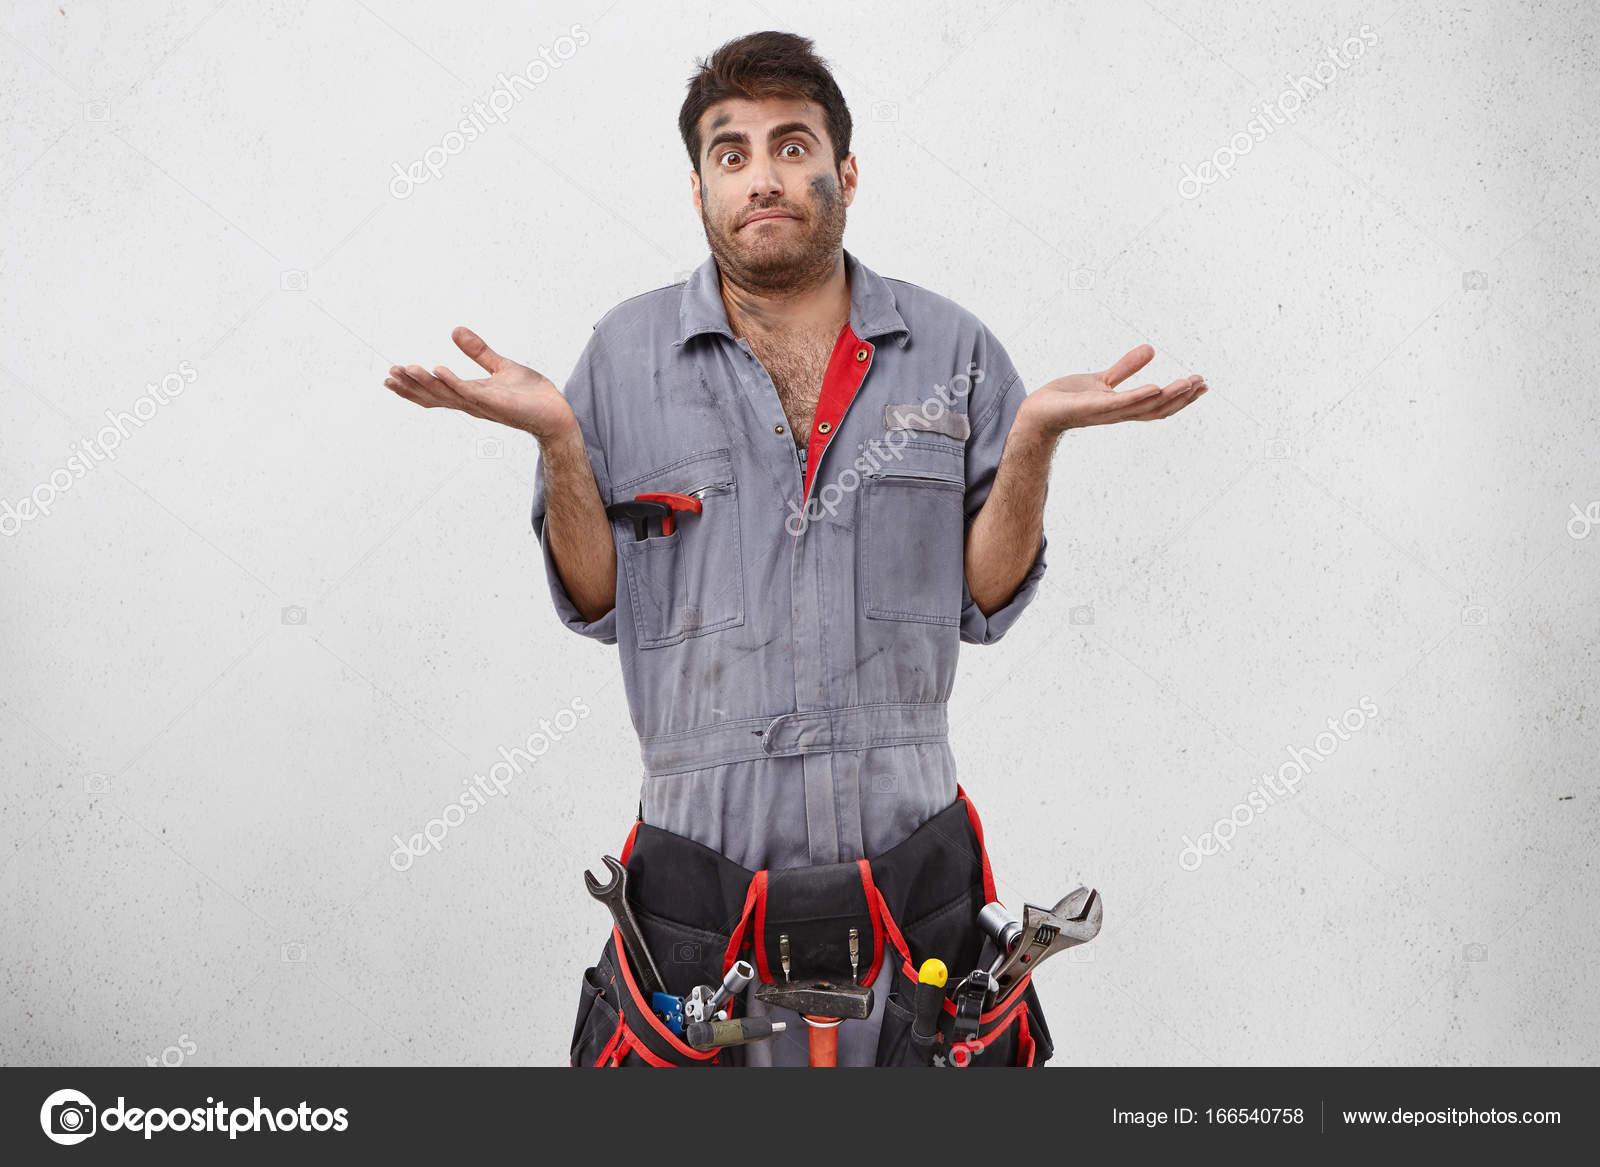 83fd3a2c760e Coup de Studio d émotionnel désemparé jeune mal rasé mâle plombier avec kit  de ceinture d outils de travail avoir confondu le regard perplexe, haussant  les ...